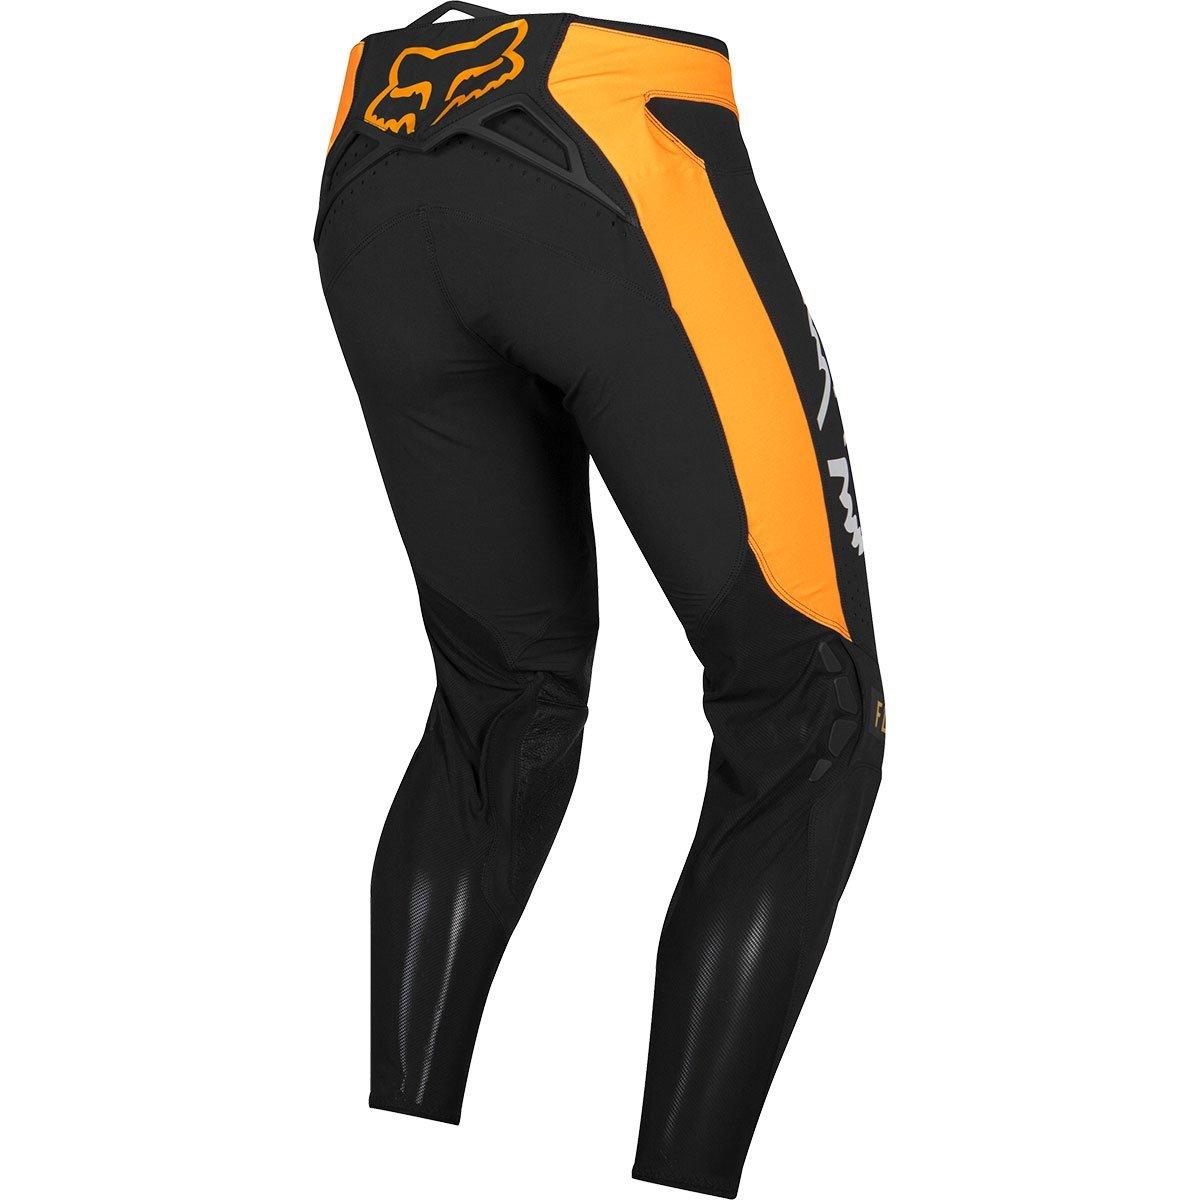 2019 Fox Racing Flexair Royl Pants-Orange Flame-34 by Fox Racing (Image #3)